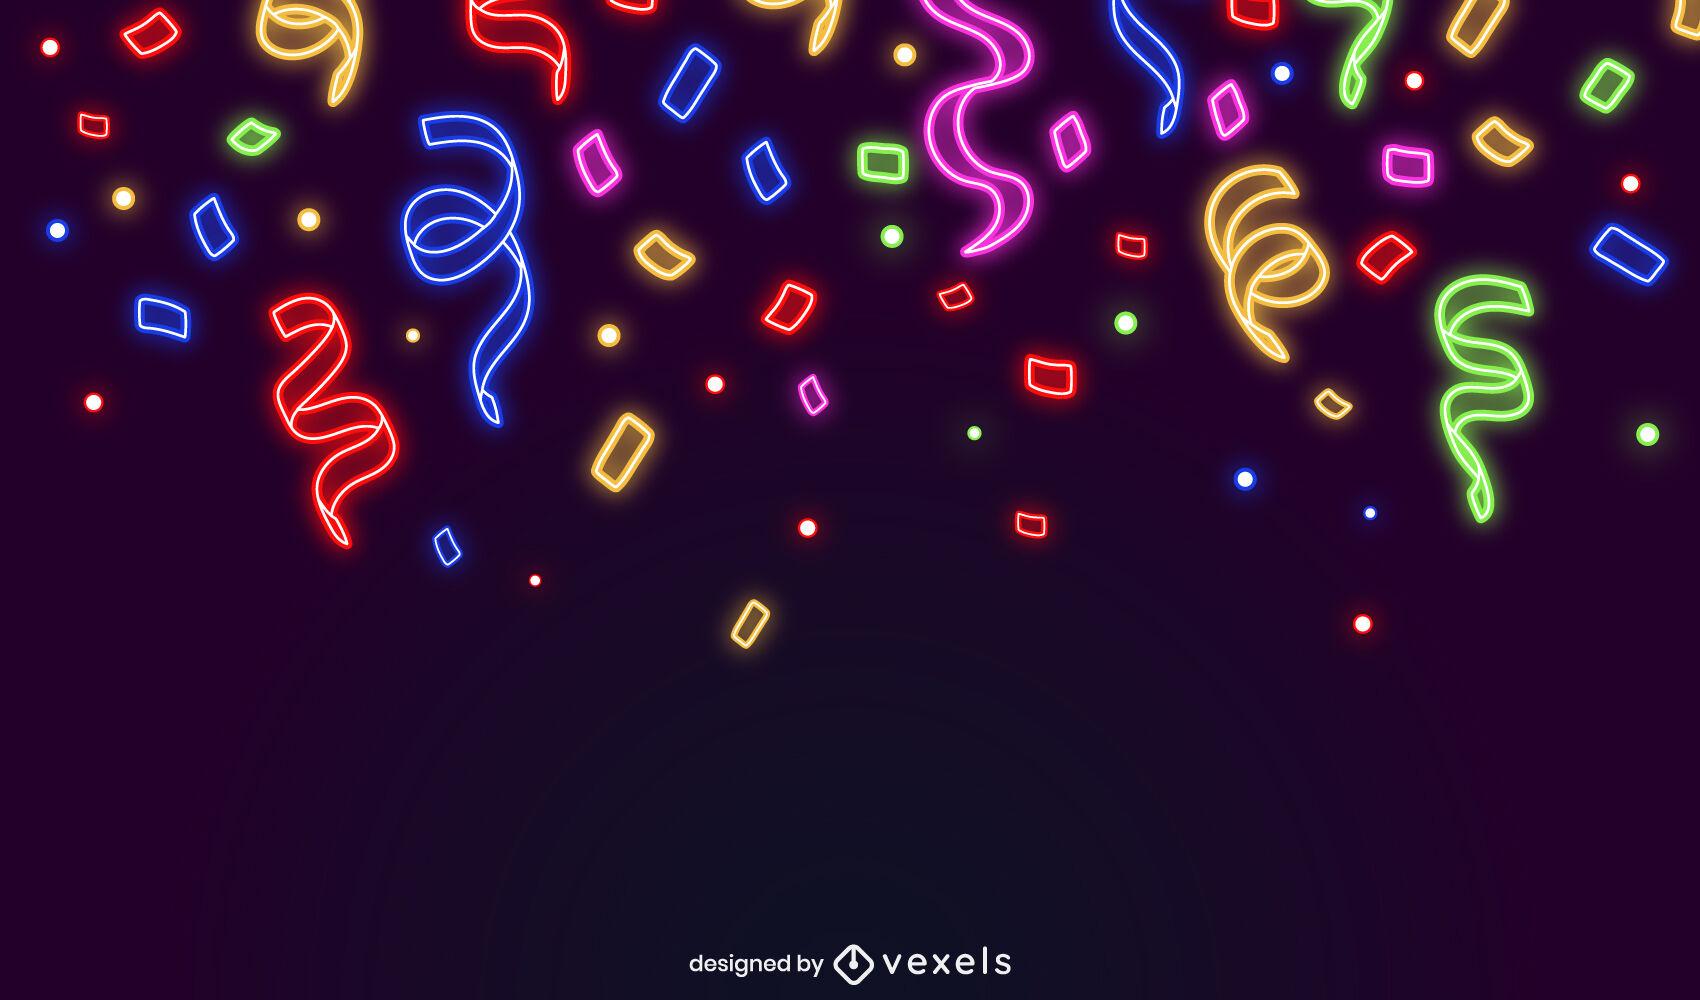 Confetti party neon background design